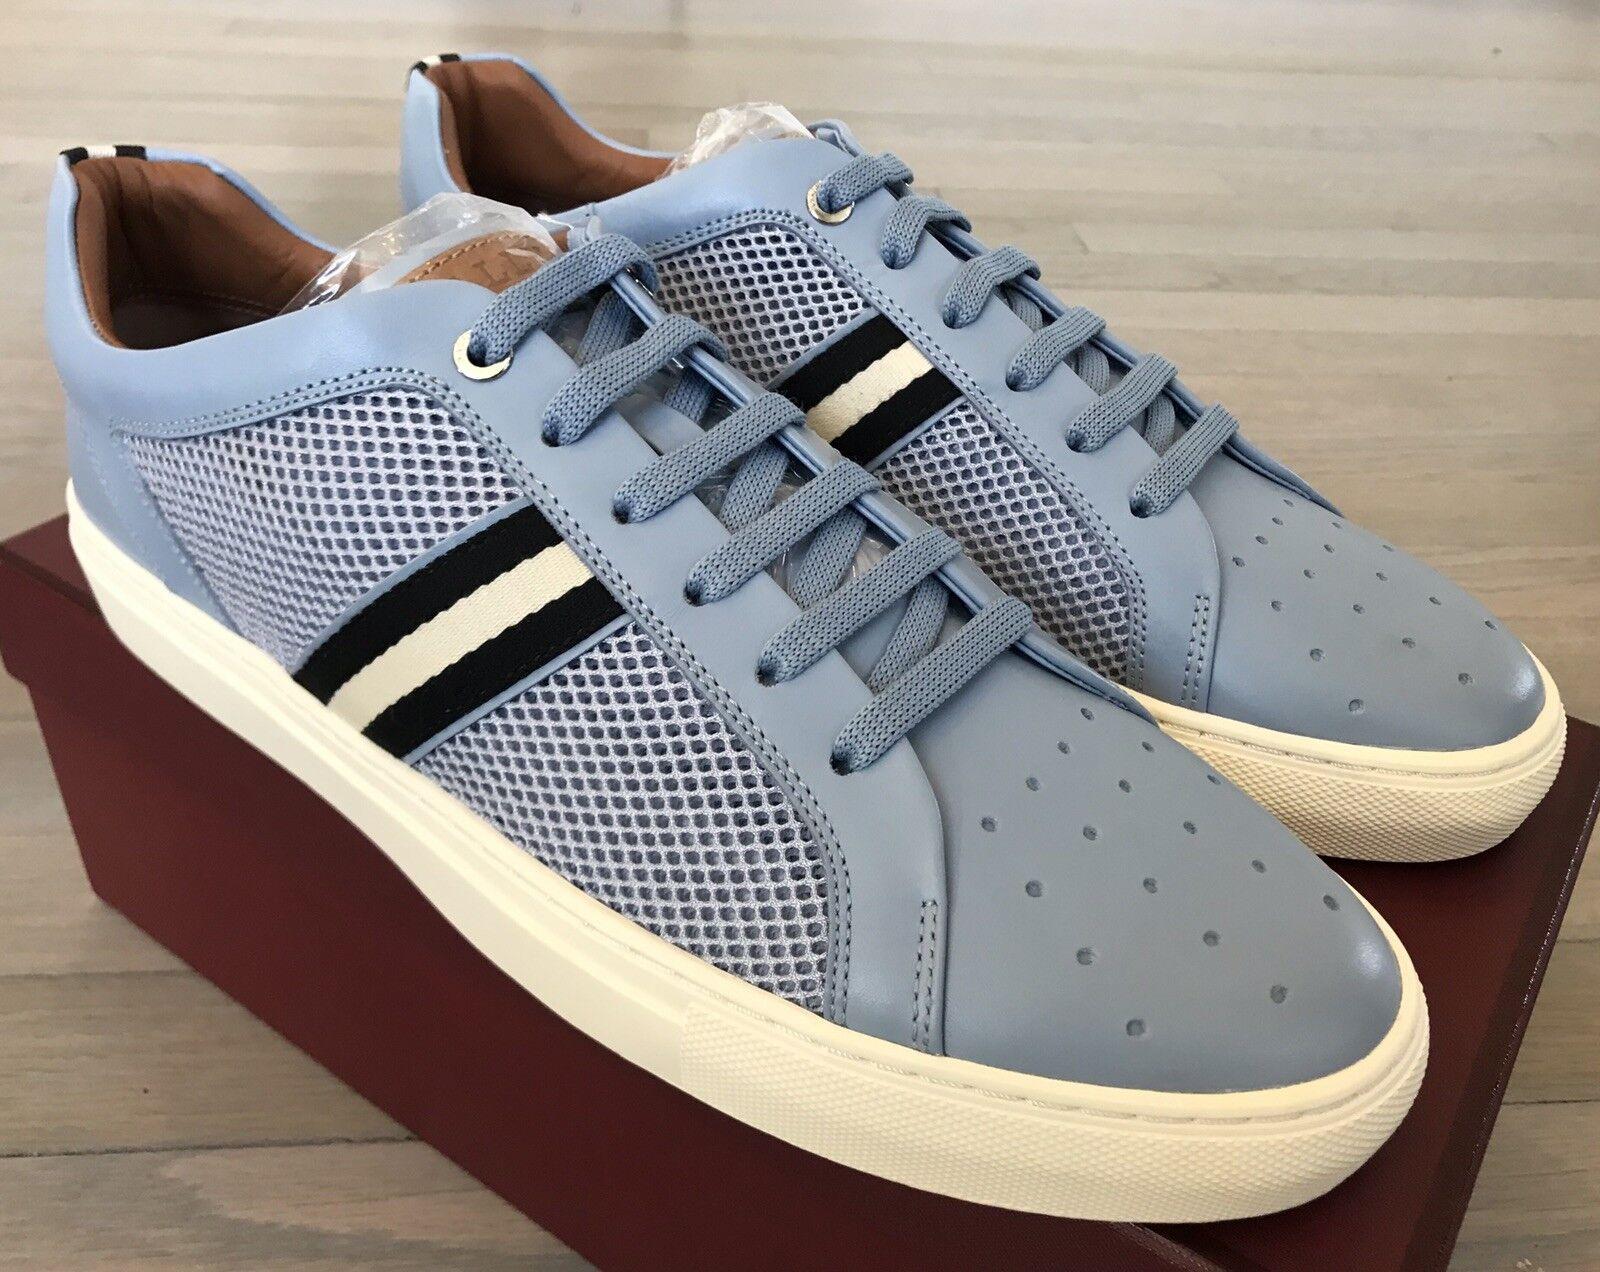 d6b99882716 550 Bally Herk Herk Herk Light bluee Leather and Nylon Sneakers size US 9  52df7e ...